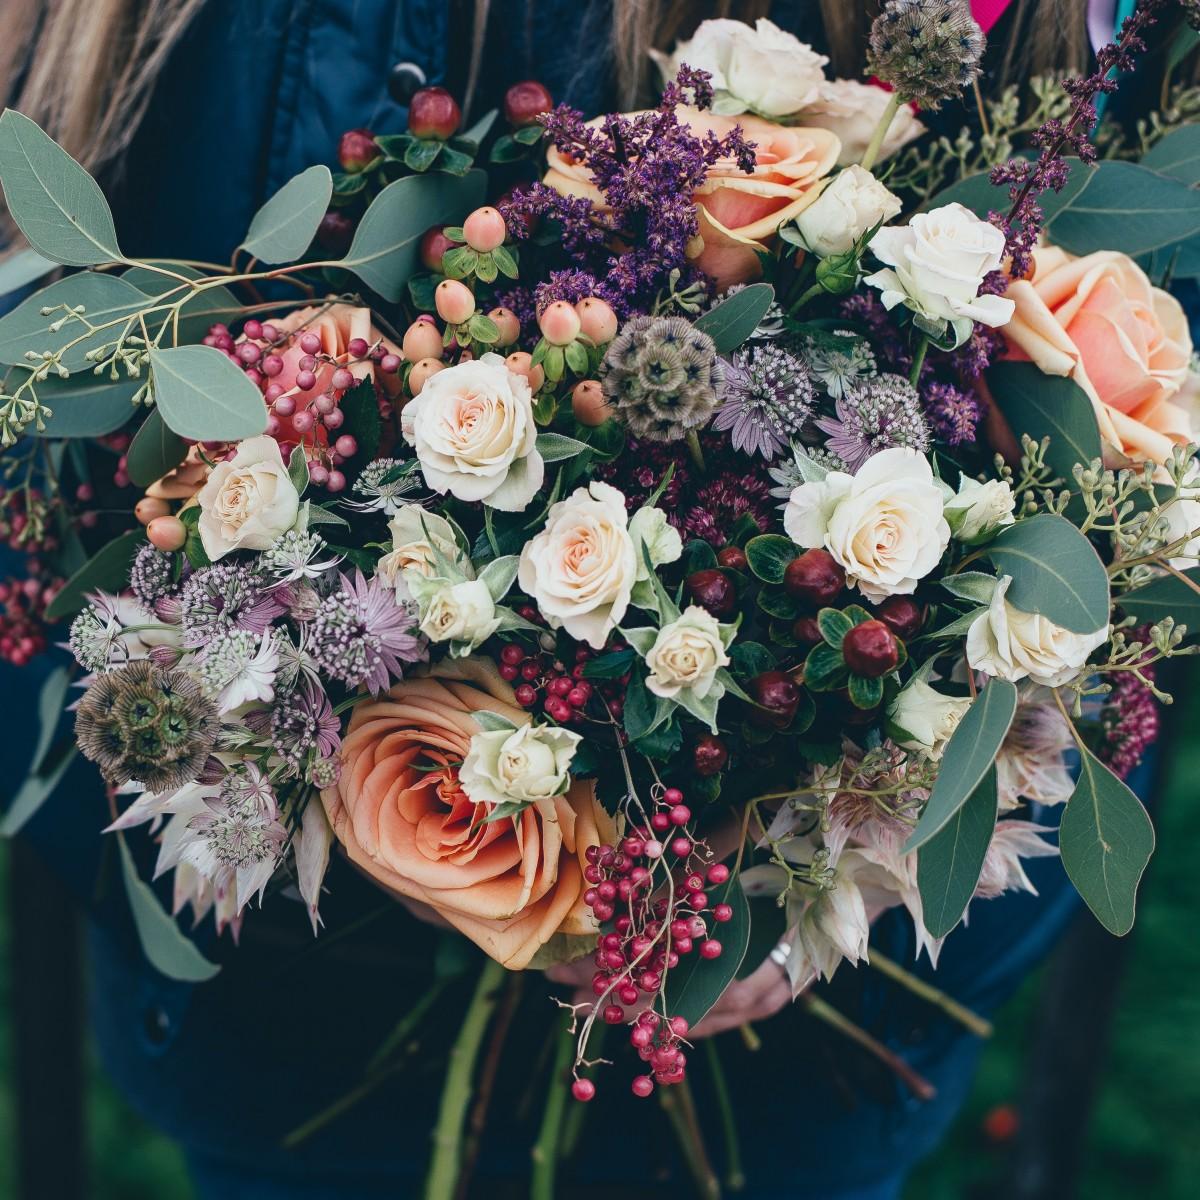 kostenlose foto blume strau bunt flora floristik verkauf bl hende pflanze blumenstrau. Black Bedroom Furniture Sets. Home Design Ideas